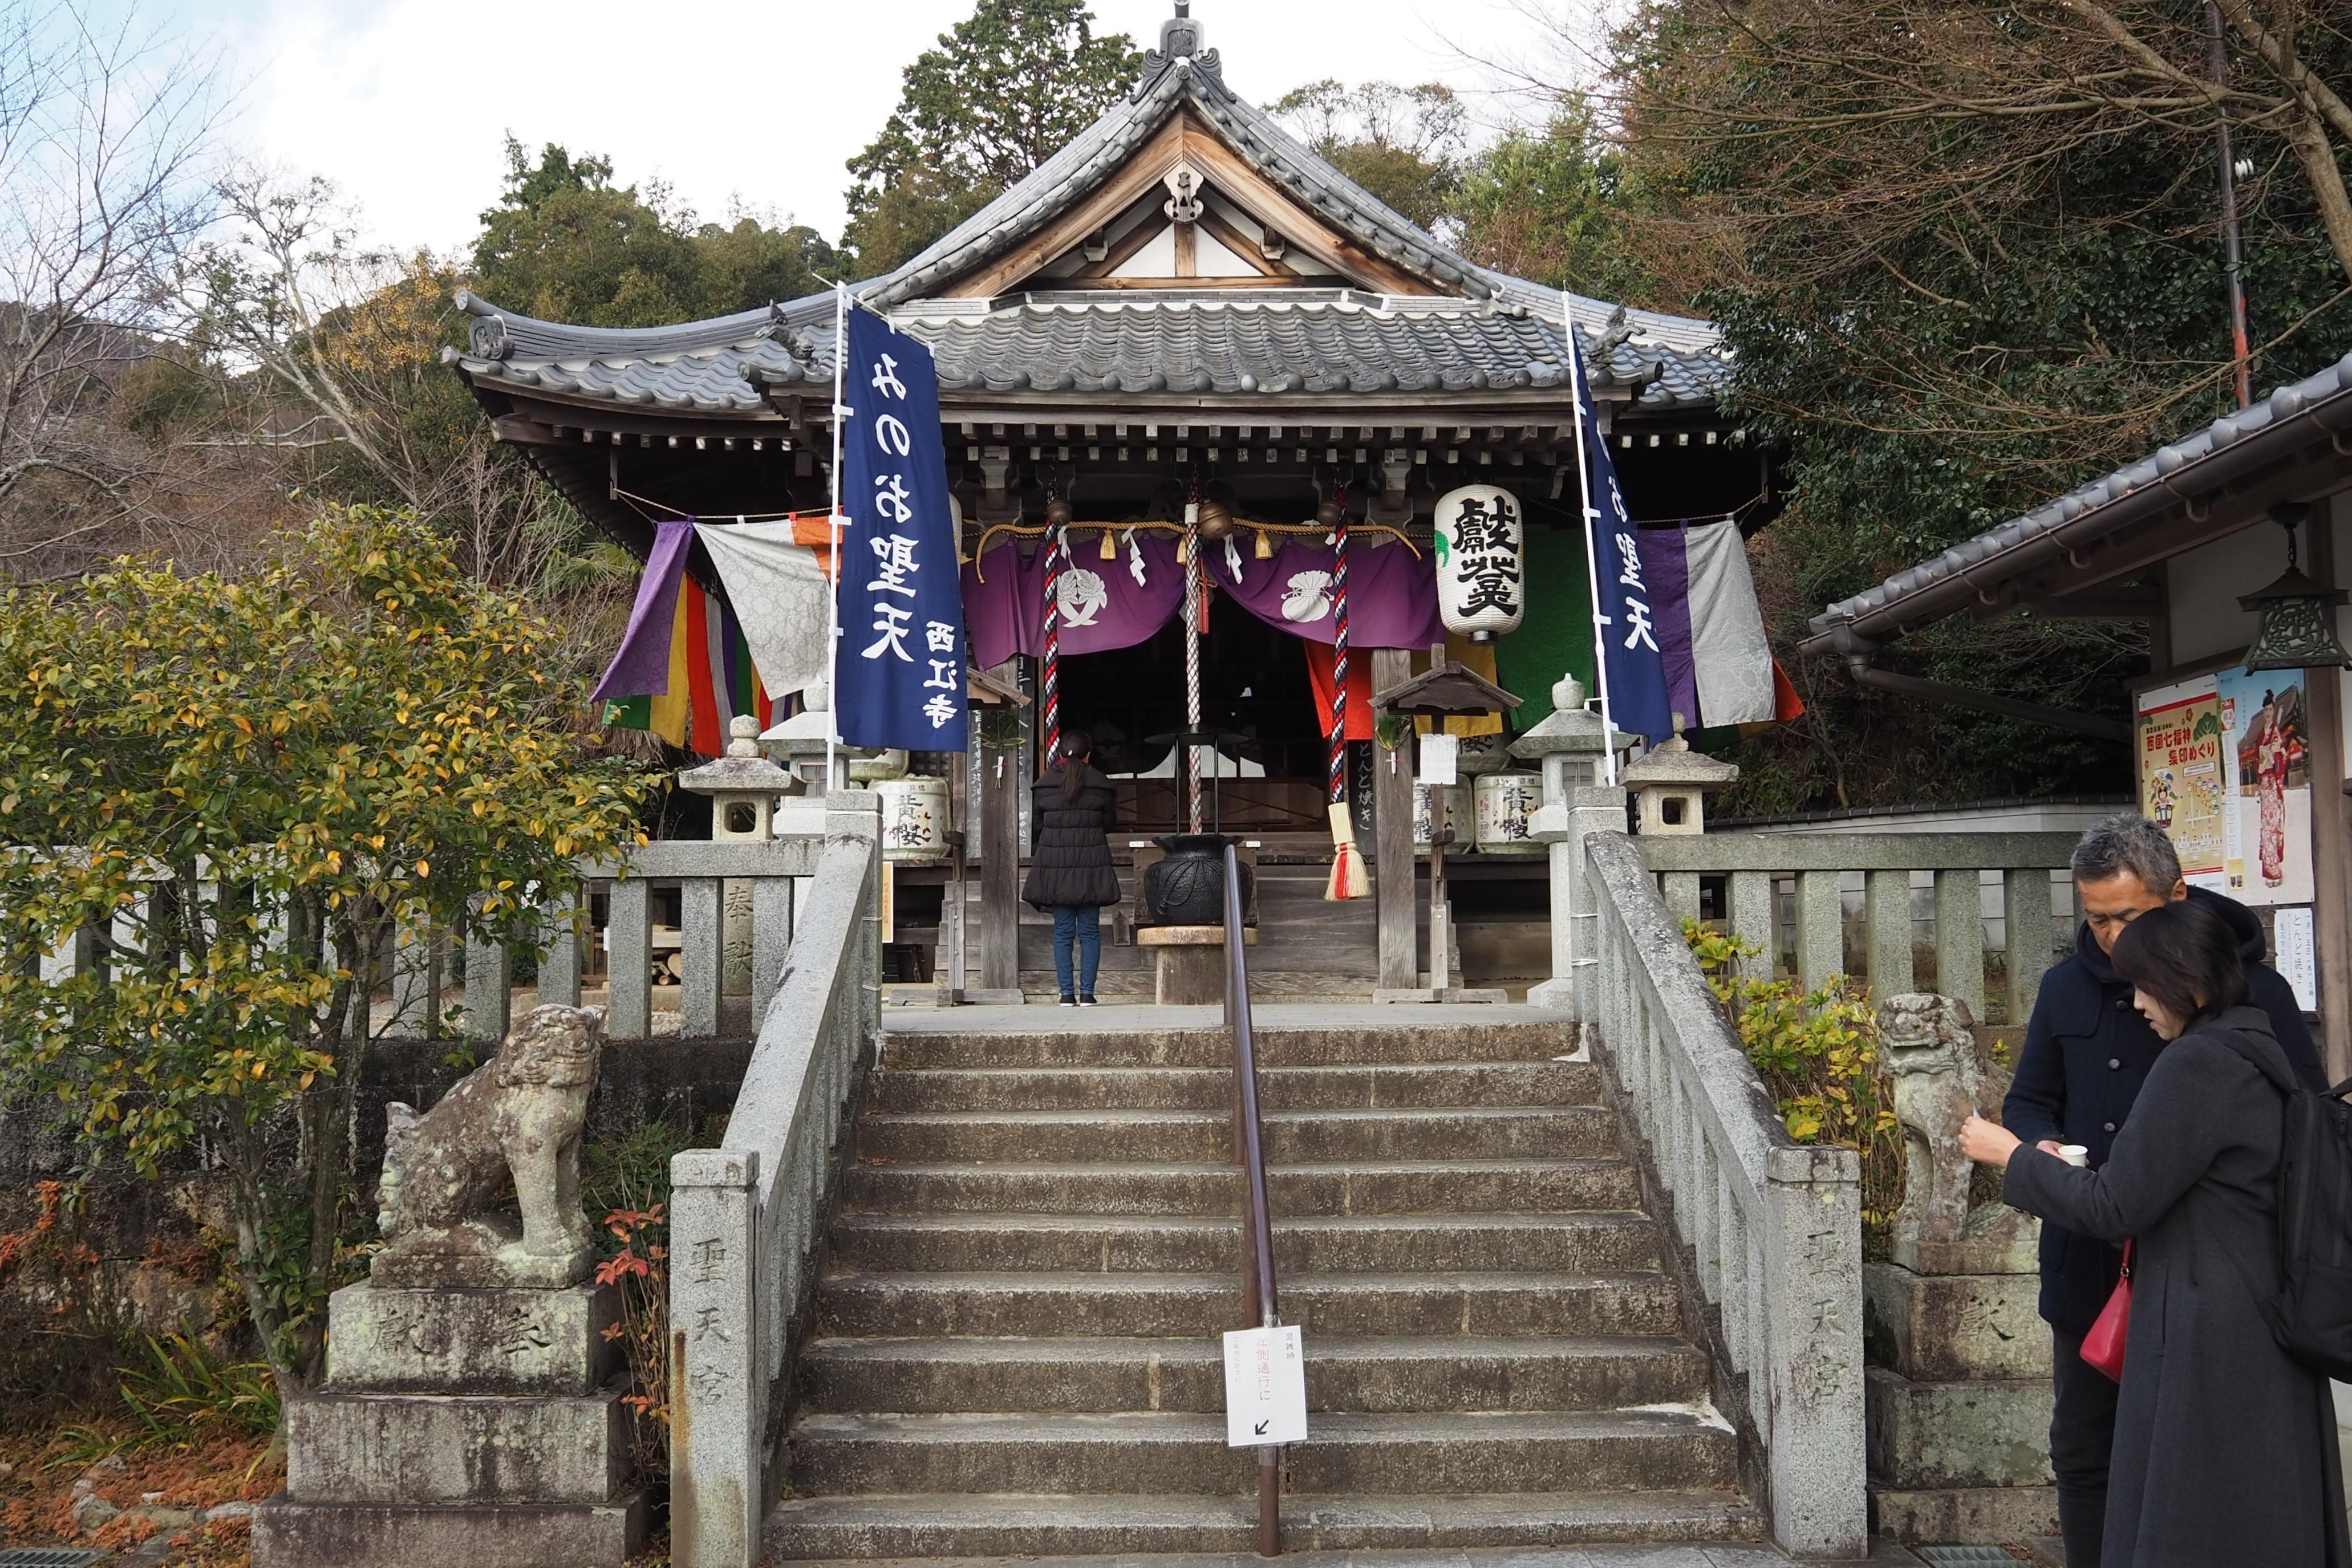 harleydavidson-motorcycle-touring-blog-minoh-waterfall-saikouji-shrine.jpg